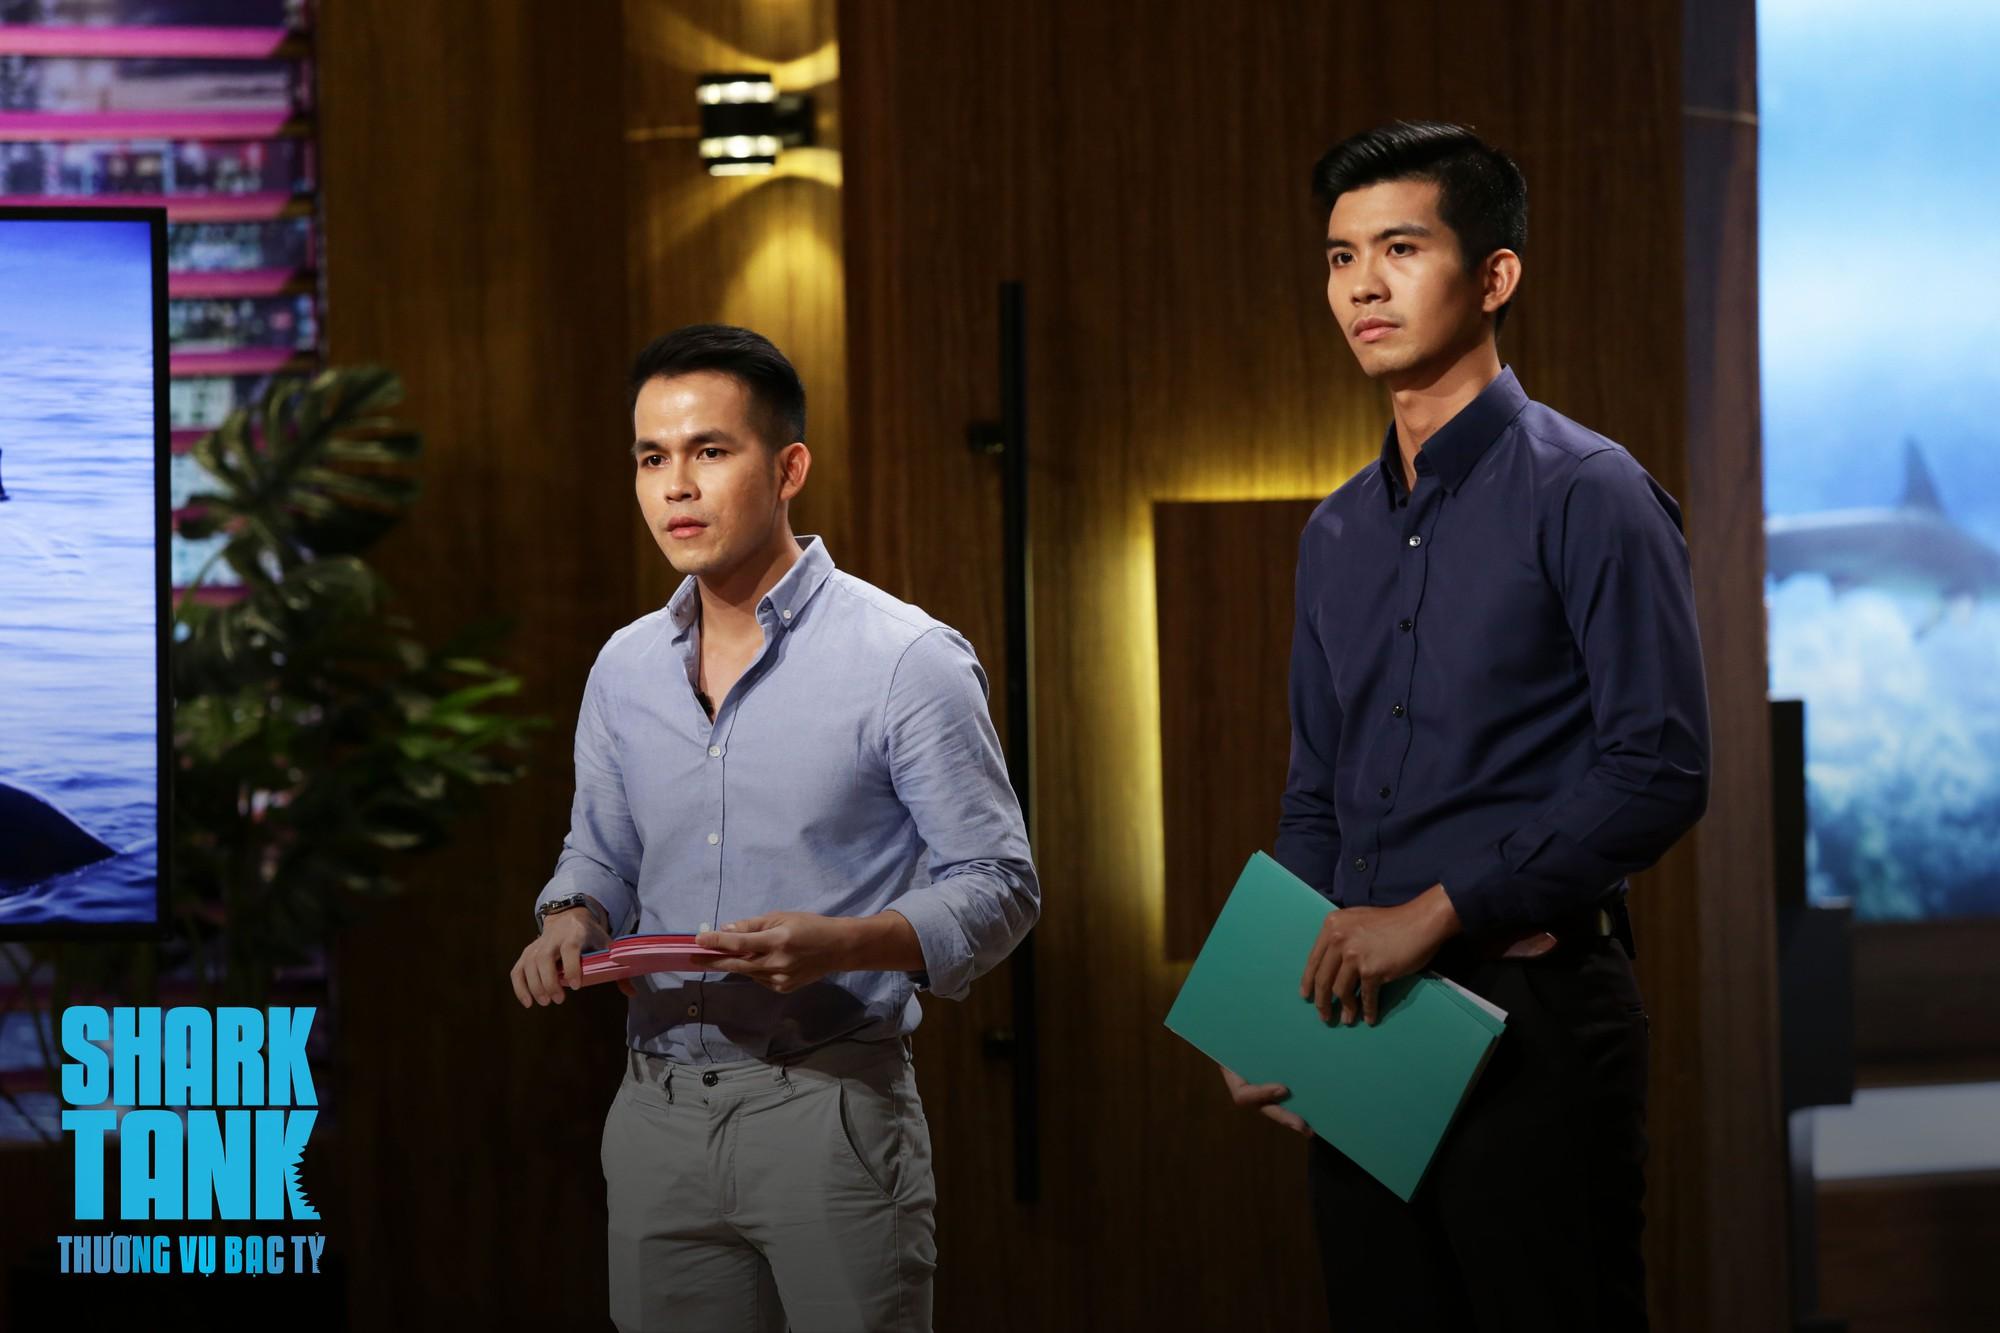 Shark Tank Vietnam: Startup từ chối 4,5 tỷ vì nghĩ mình đáng giá hơn nhiều - Ảnh 2.